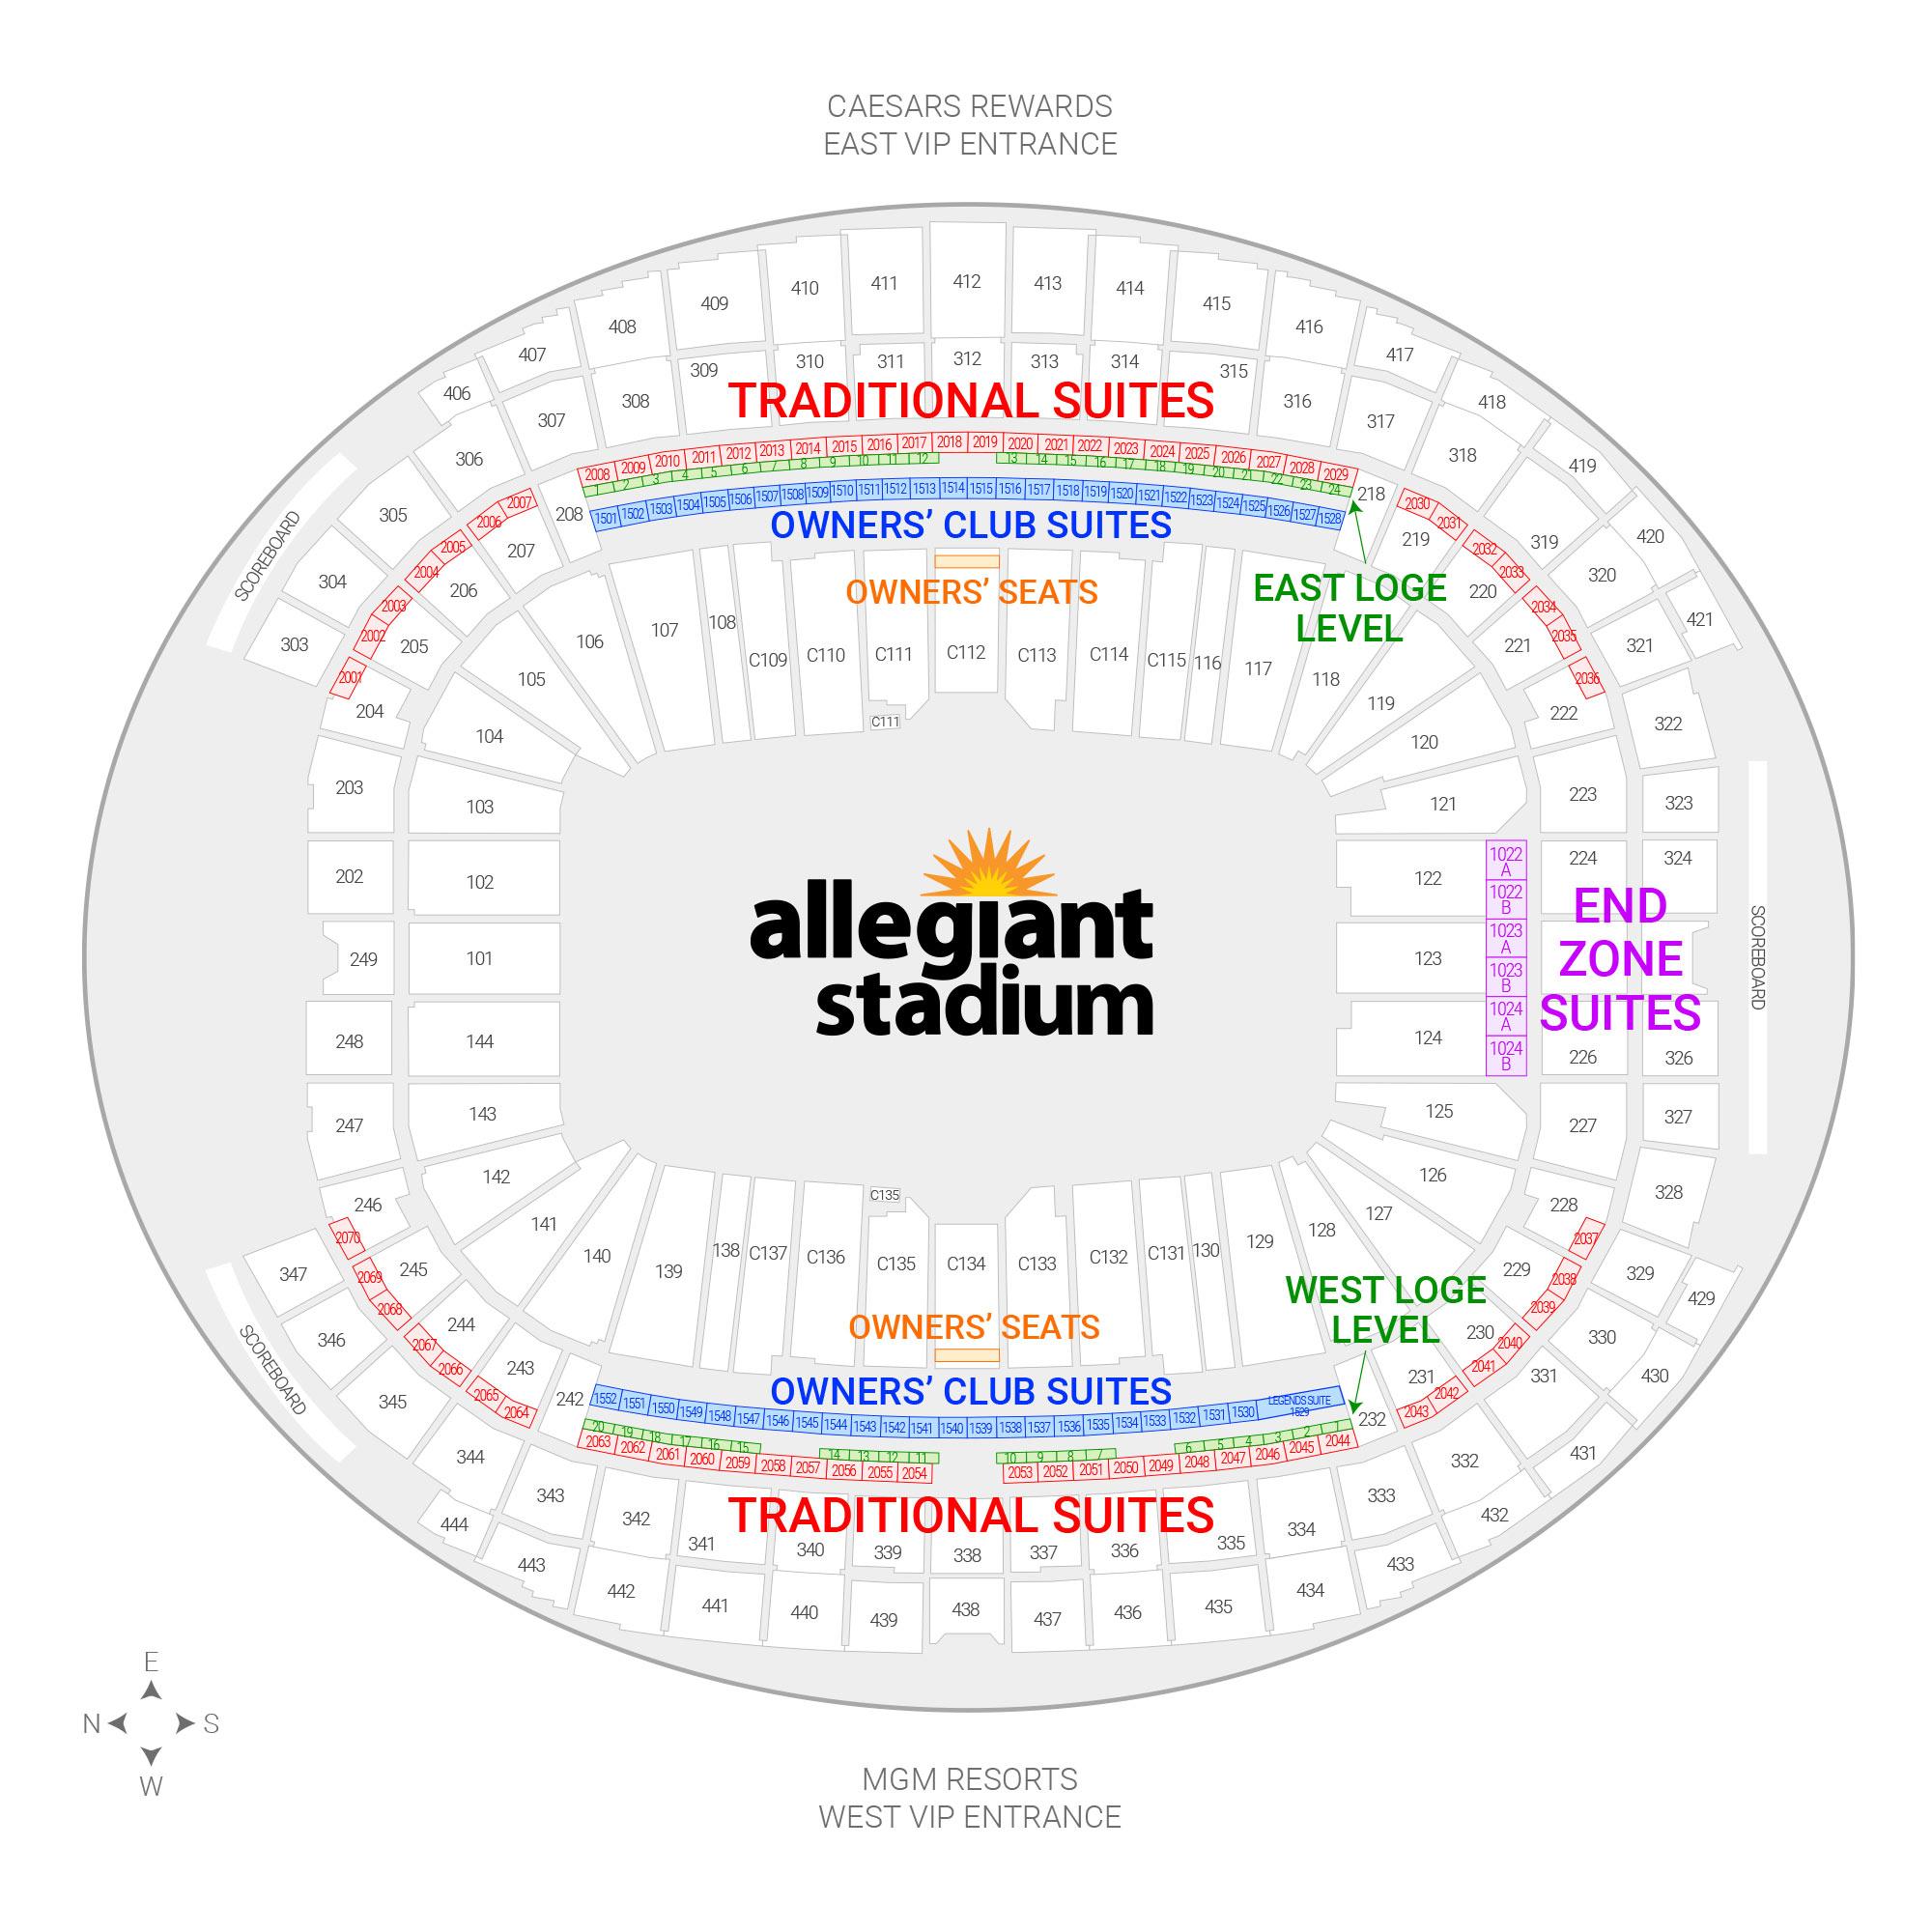 Allegiant Stadium / Las Vegas Raiders Suite Map and Seating Chart